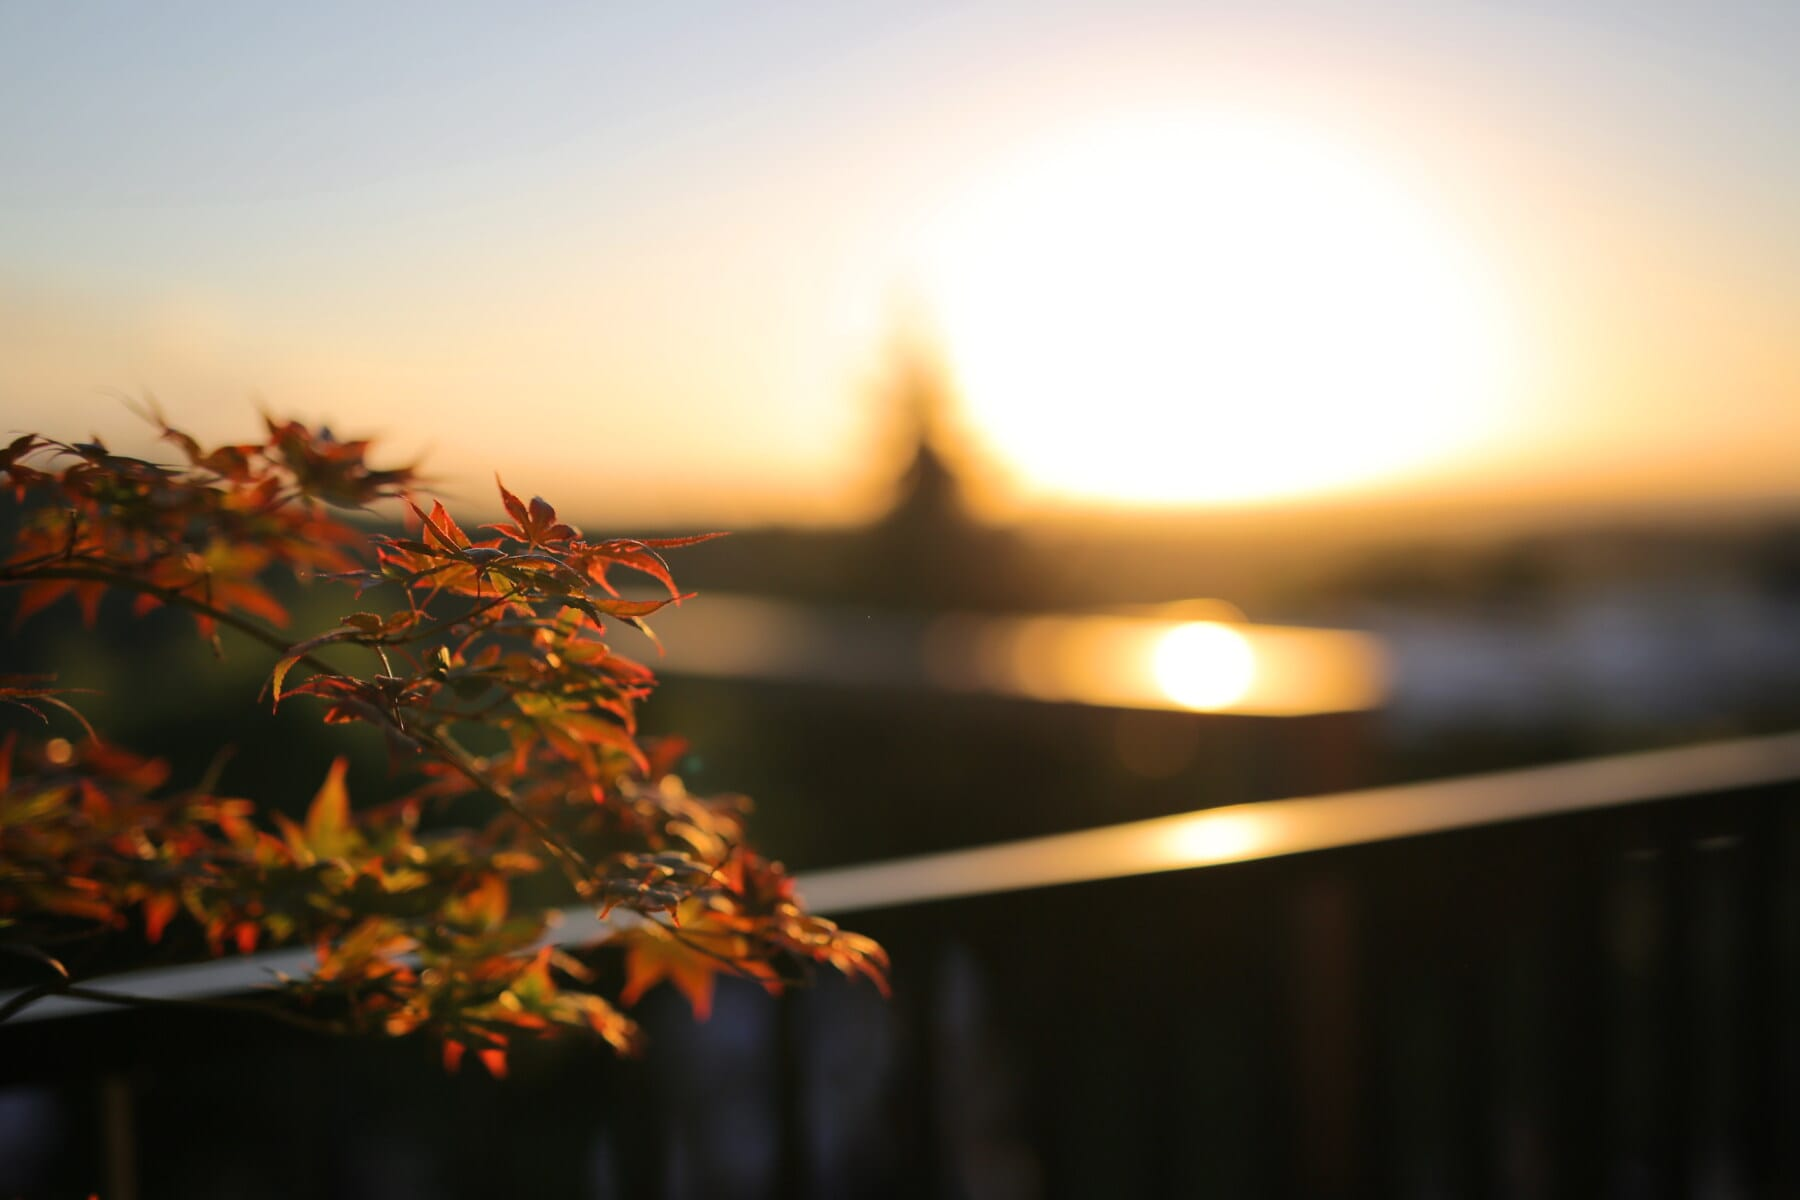 balcony, sunset, branches, sun, dawn, light, blur, color, landscape, leaf